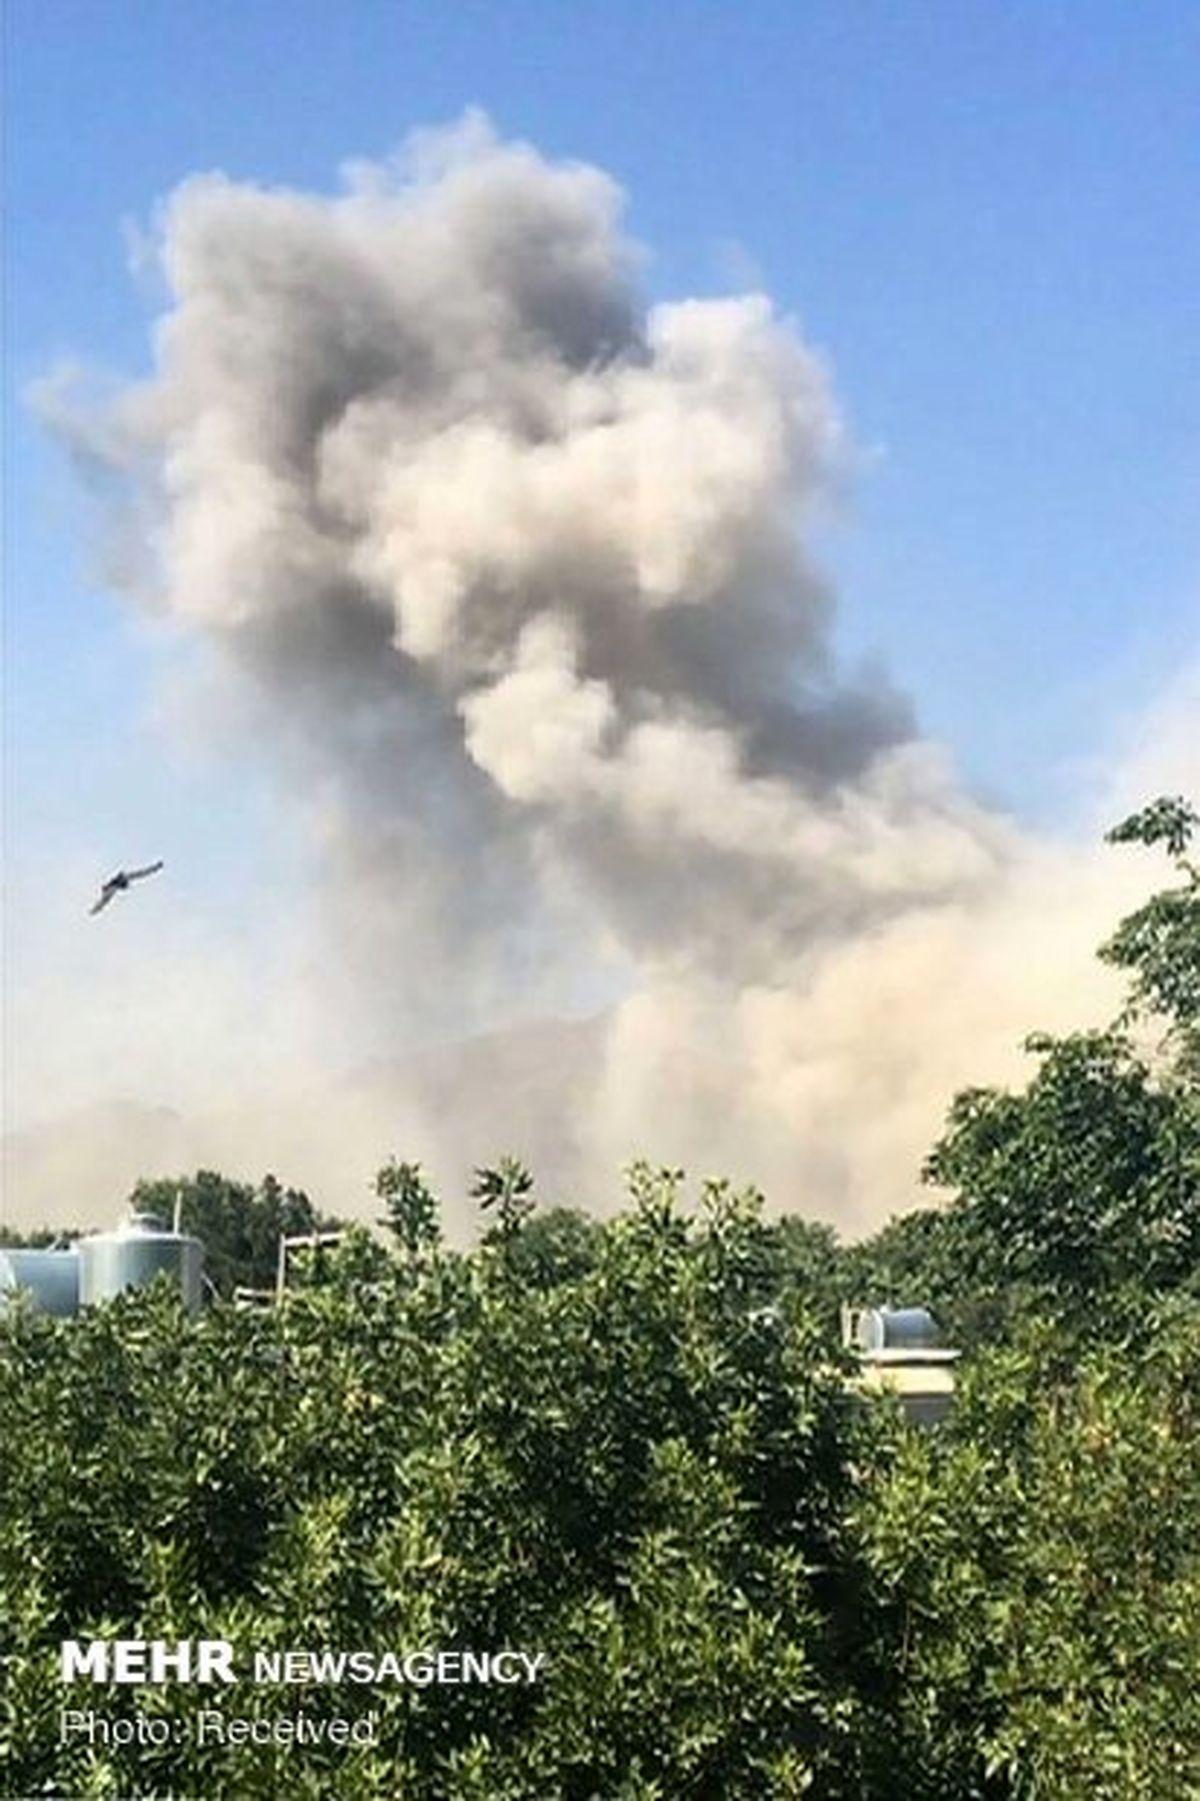 وقوع انفجارهای پیدرپی در انبار مهمات وزارت دفاع روسیه